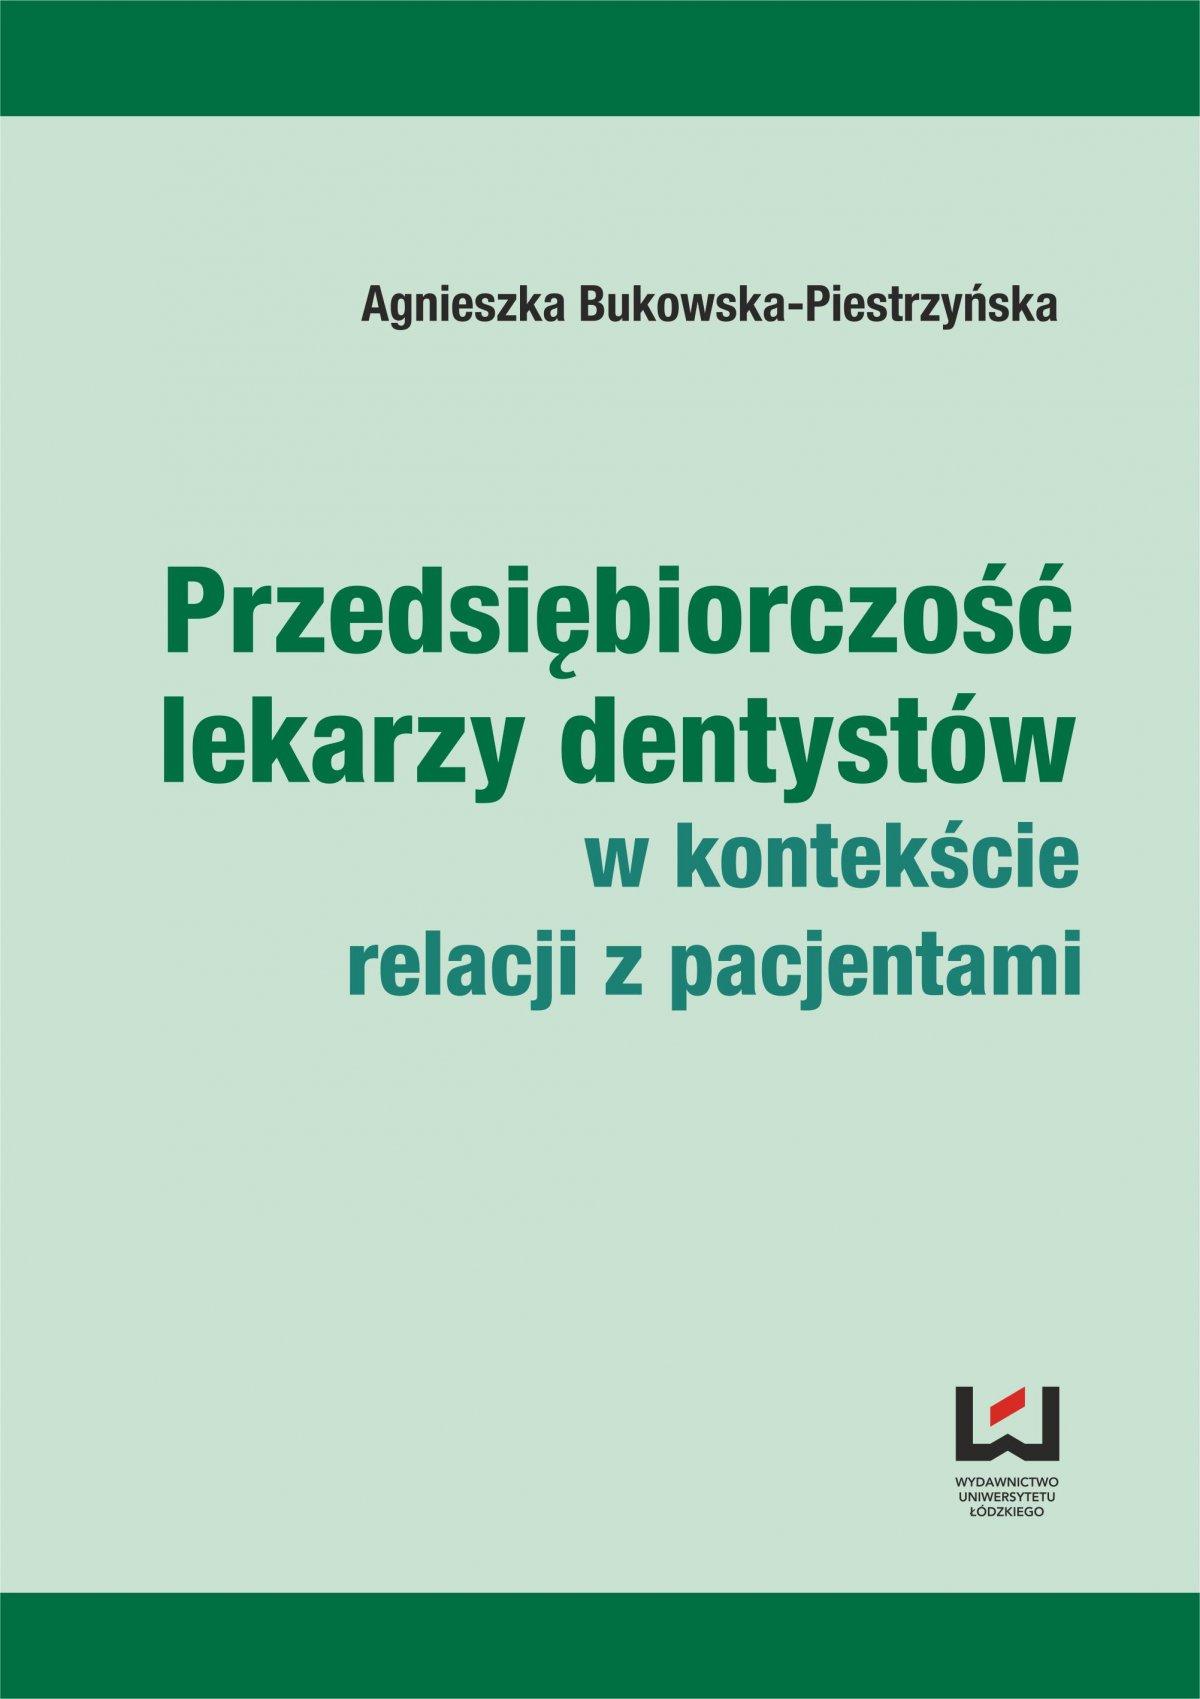 Przedsiębiorczość lekarzy dentystów w kontekście relacji z pacjentami - Ebook (Książka PDF) do pobrania w formacie PDF